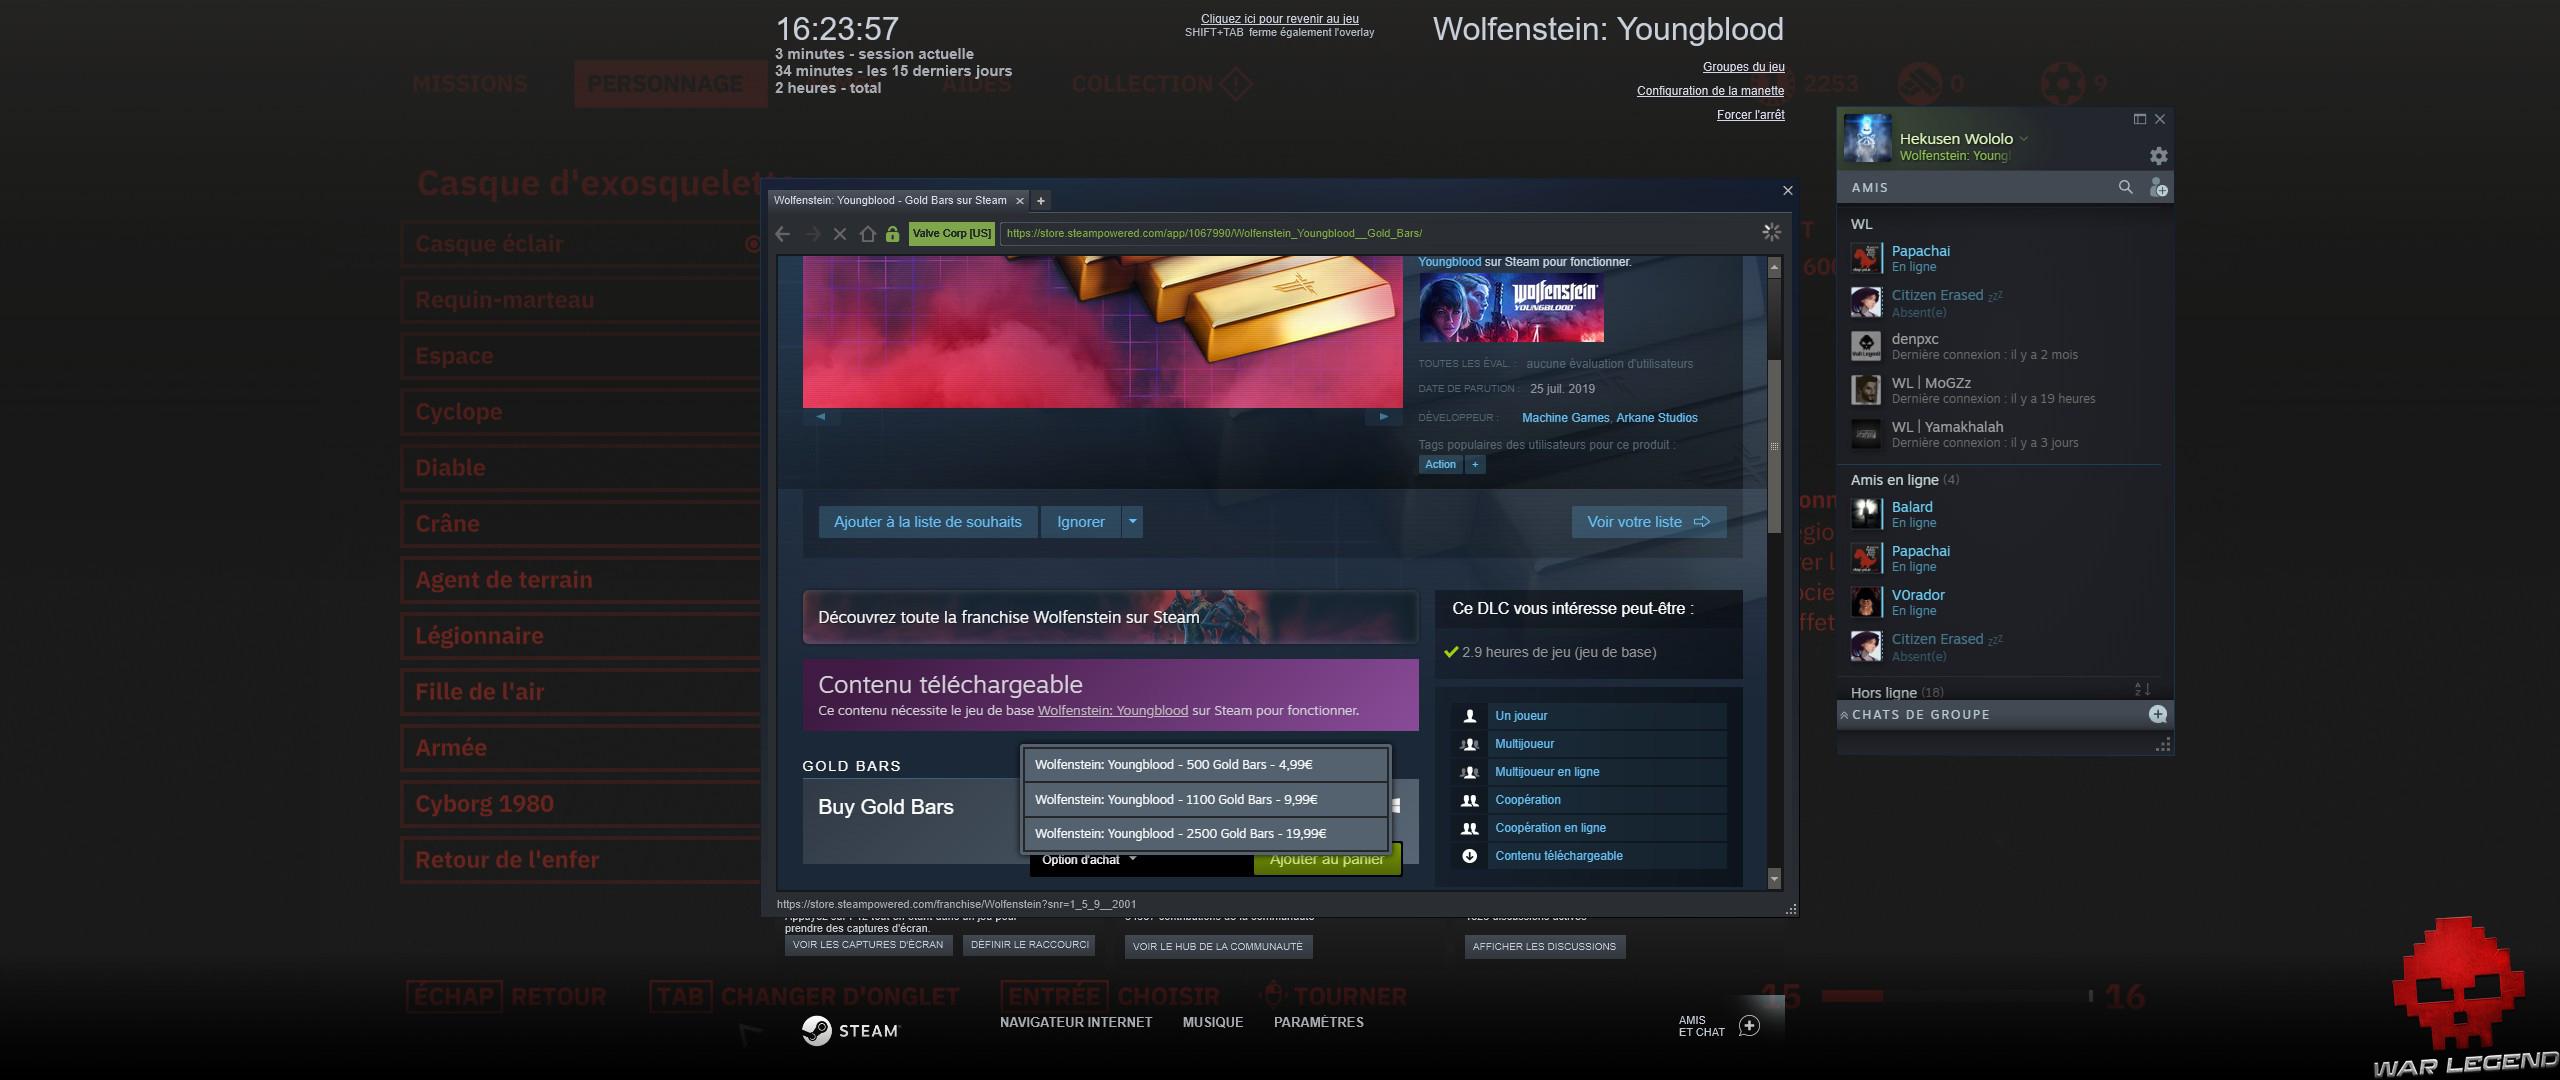 Test Wolfenstein Youngblood - écran achat gold bars